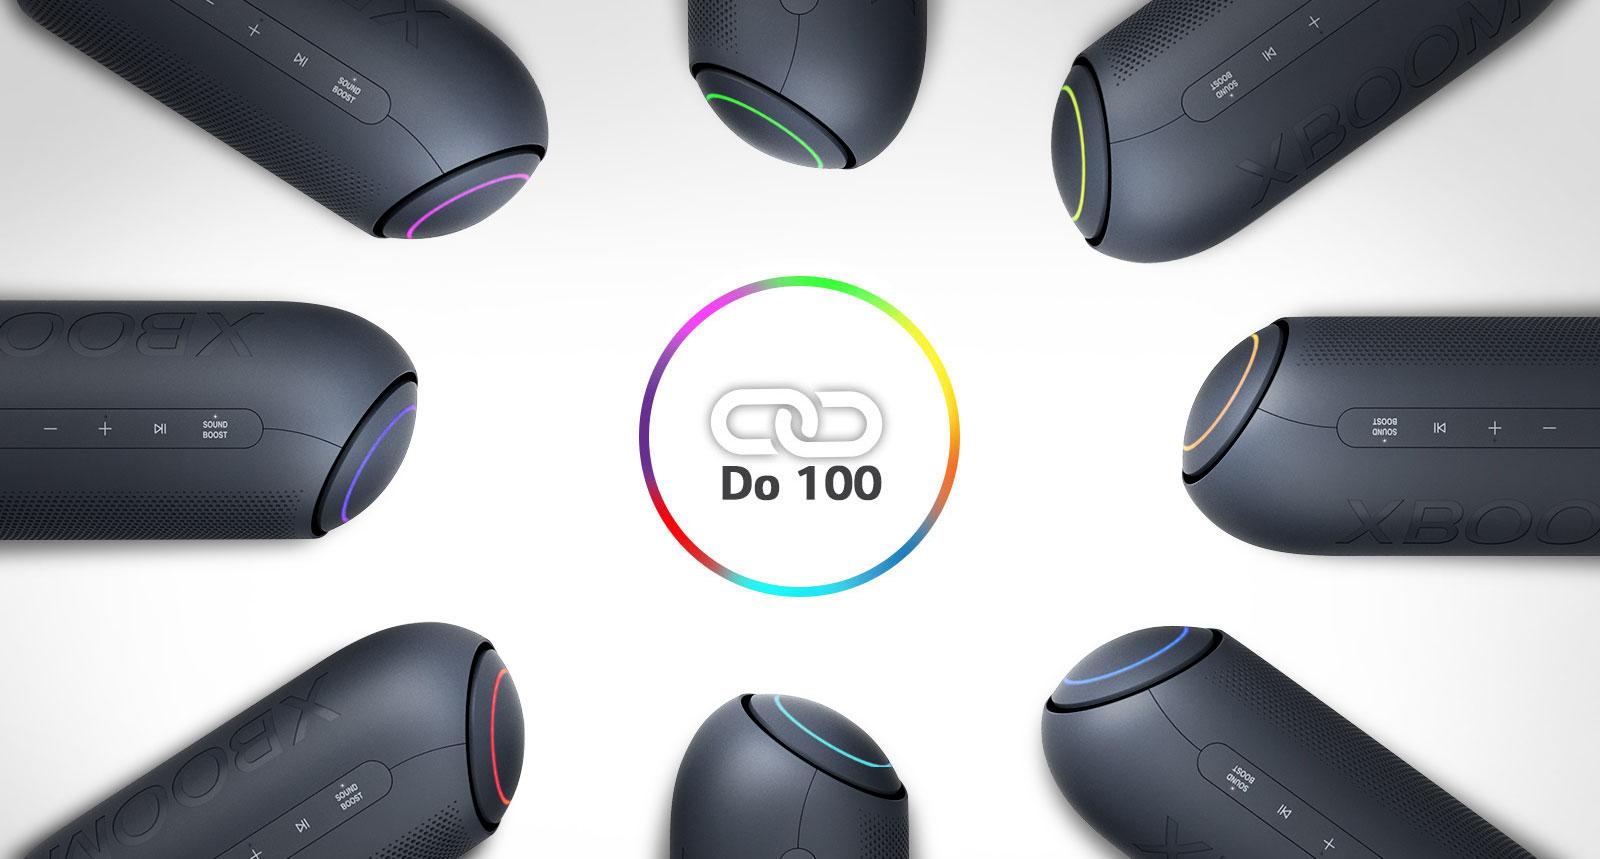 Na belem ozadju se osem zvočnikov LG XBOOM Go z različnimi lučmi nahaja v krogu okoli ikone povezave.